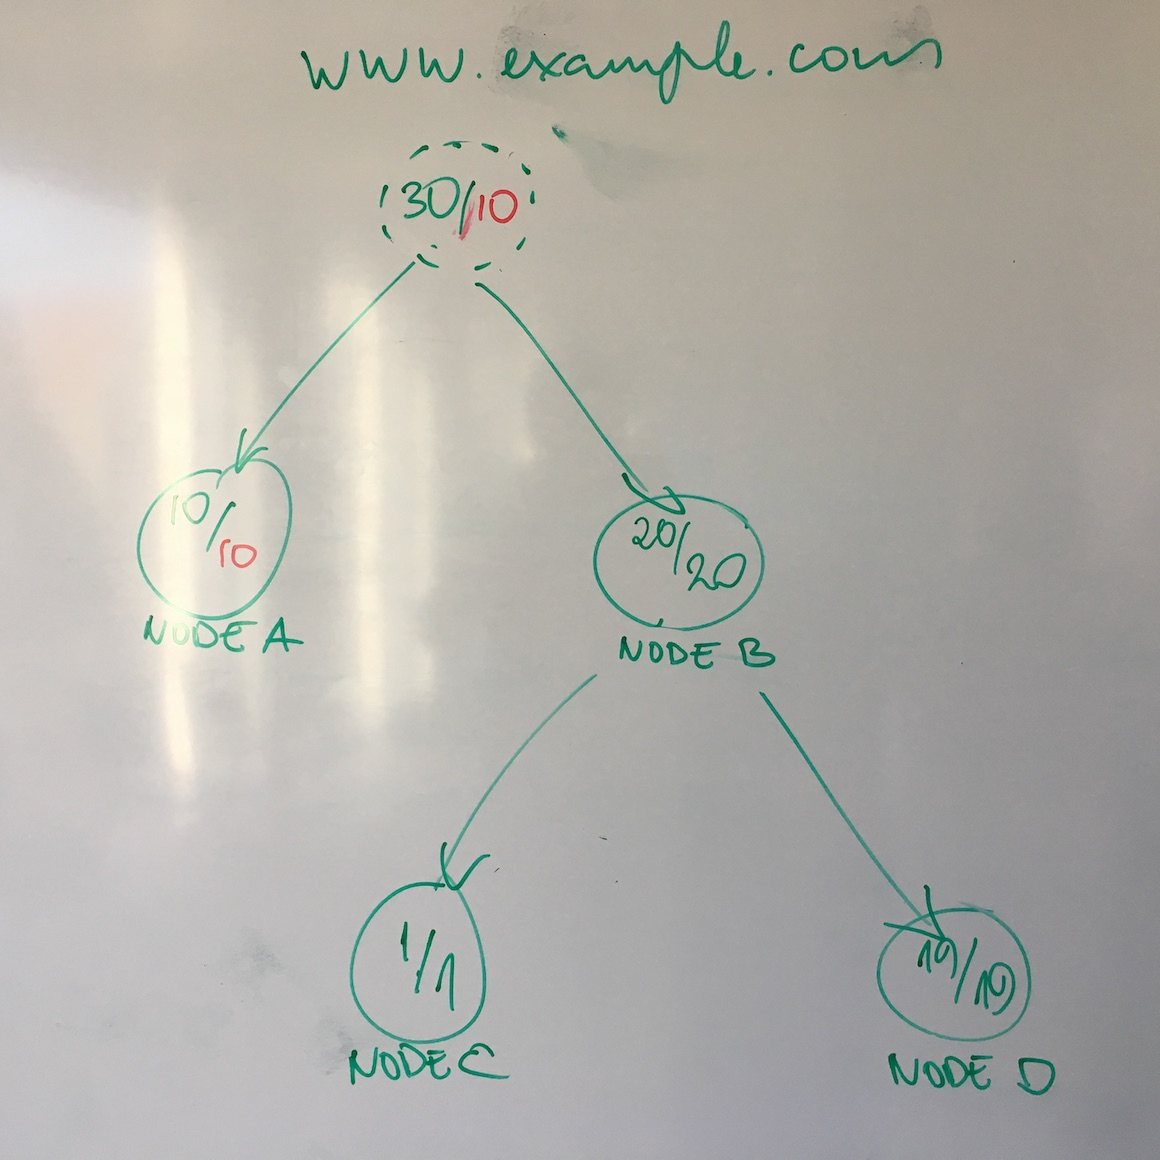 Visualizing layered graphs using Sugiyama method | Plumbr – User